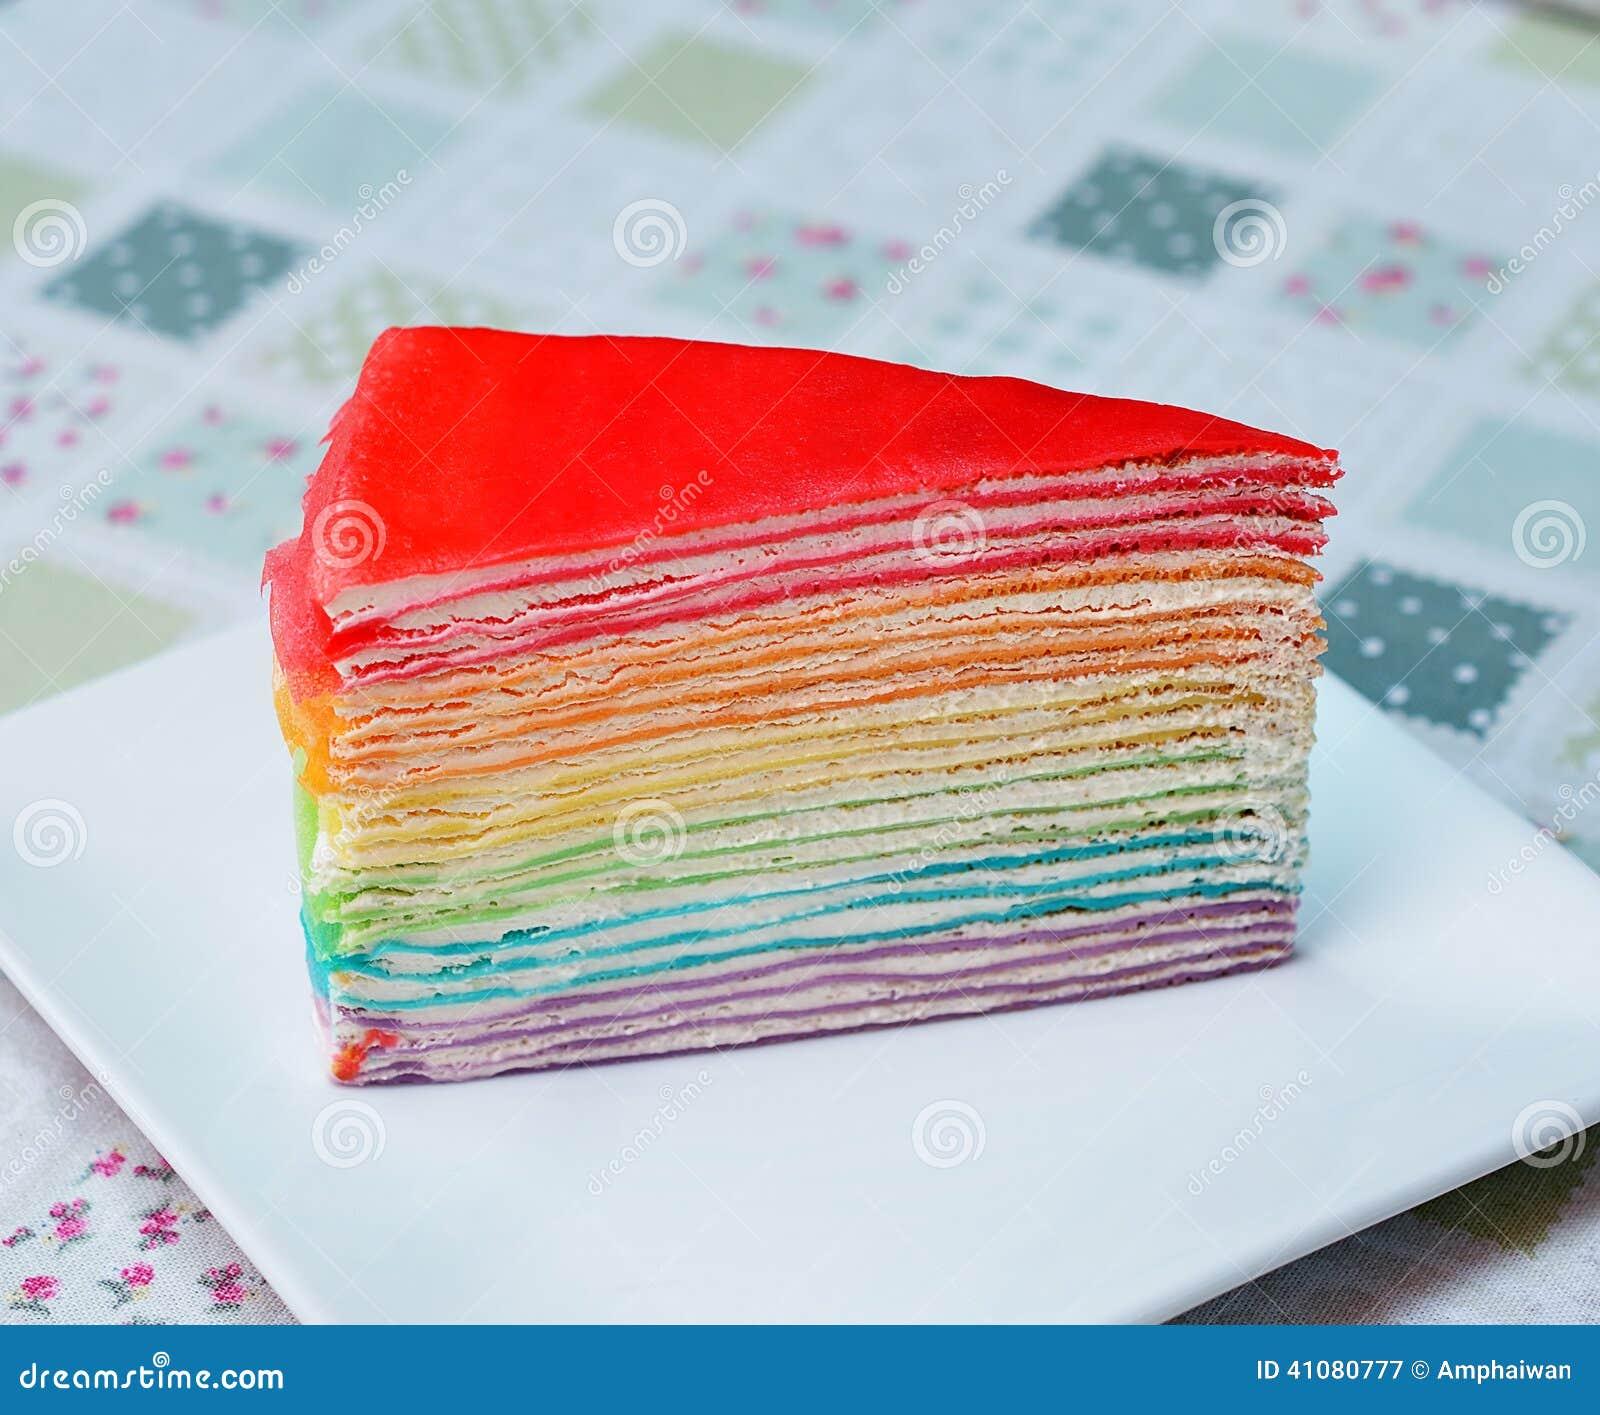 Rainbow Cake Calories